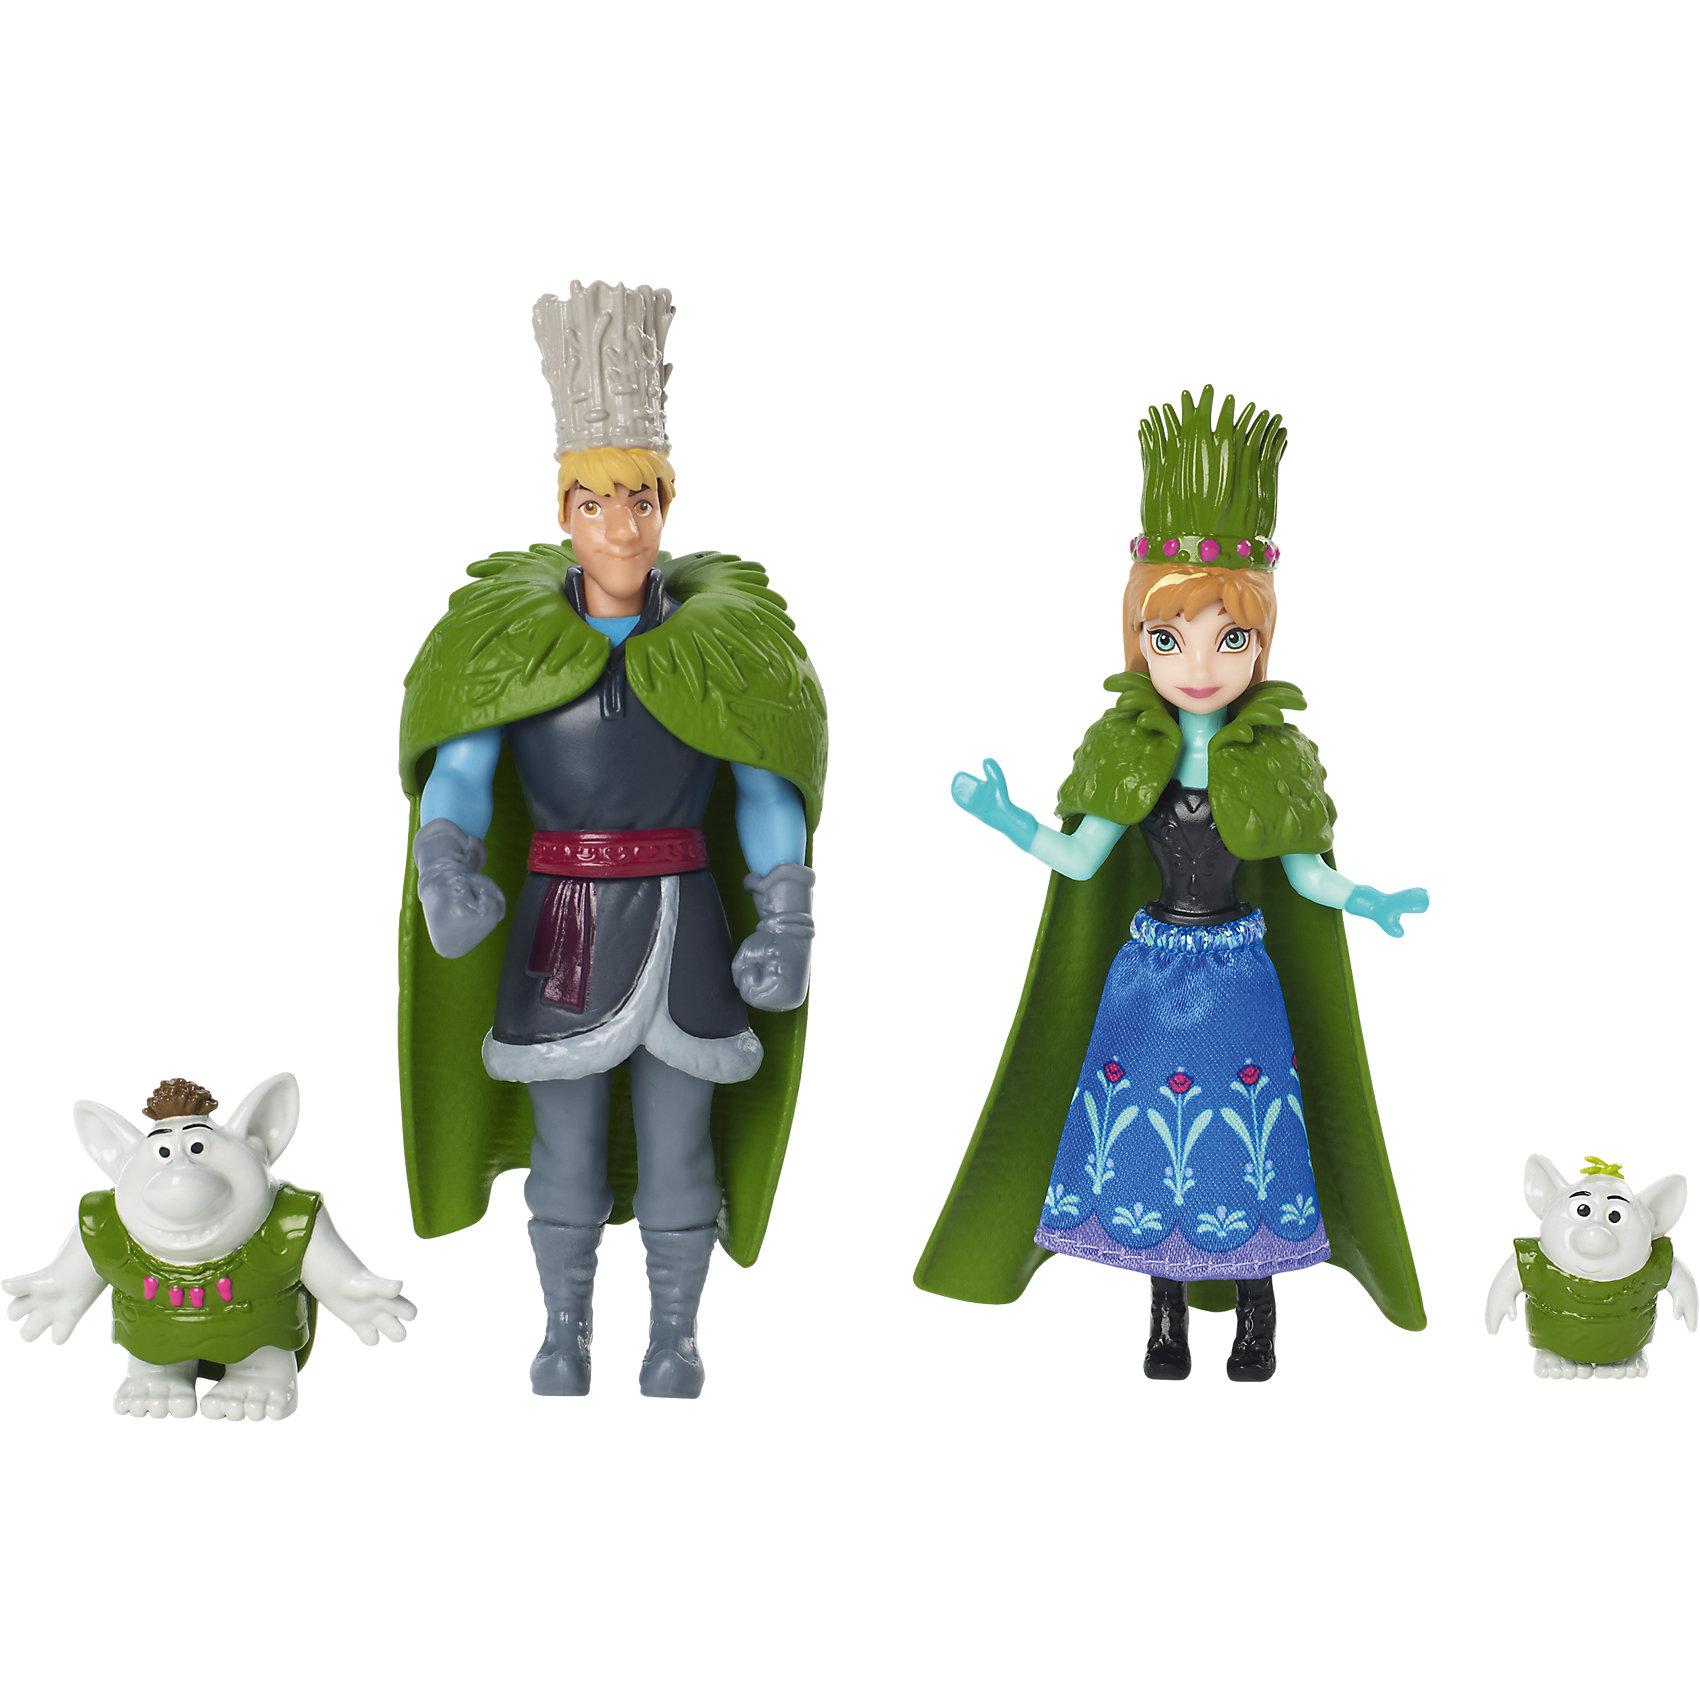 Mattel Куклы Анна и Кристоф Холодное Сердце, в наборе с 2 троллями, Принцессы Дисней mattel принцесса c домиком и аксессуарами принцессы дисней